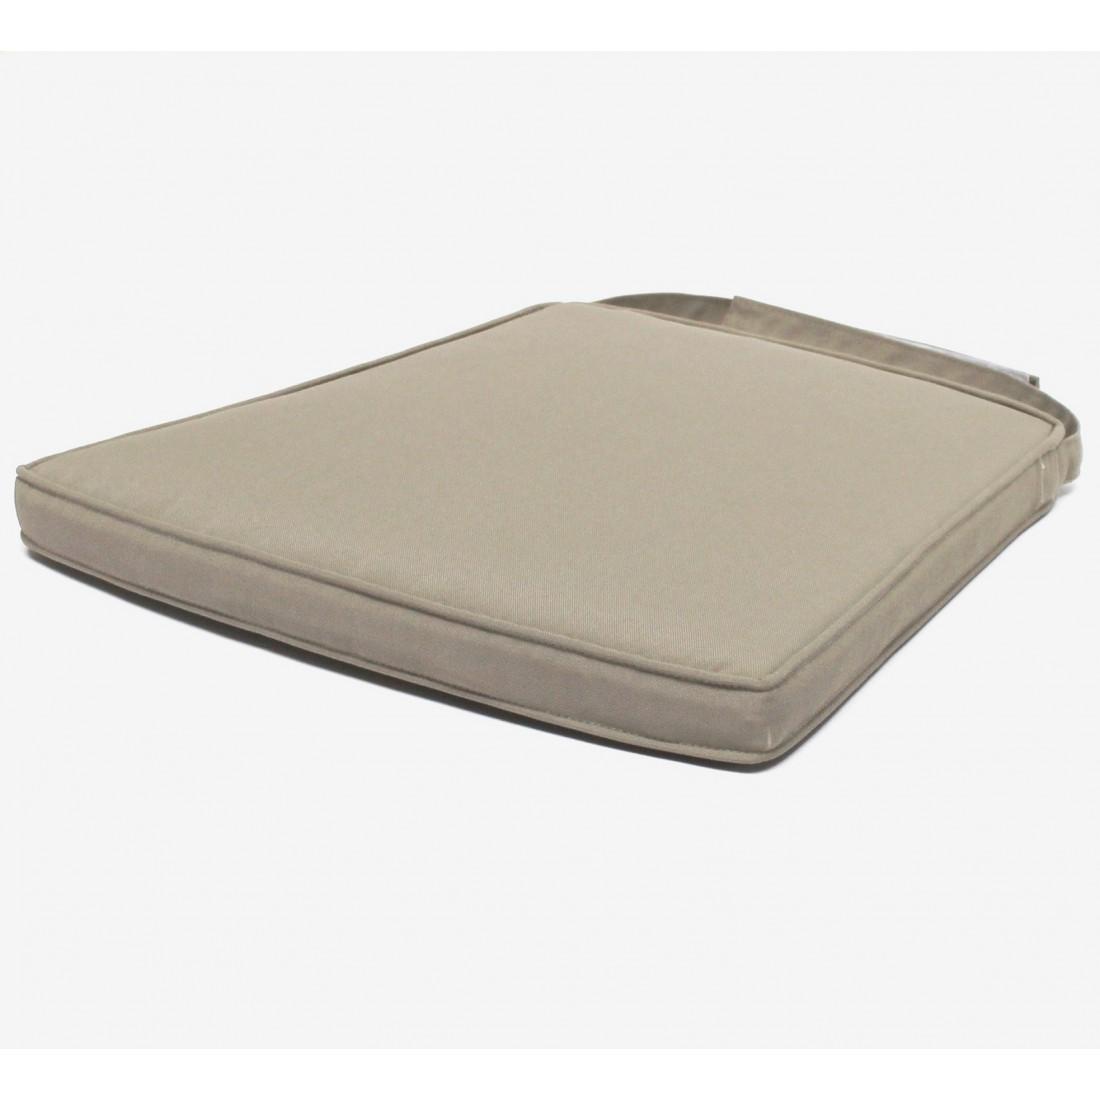 coussin gris en option pour chaise de jardin isabelle. Black Bedroom Furniture Sets. Home Design Ideas